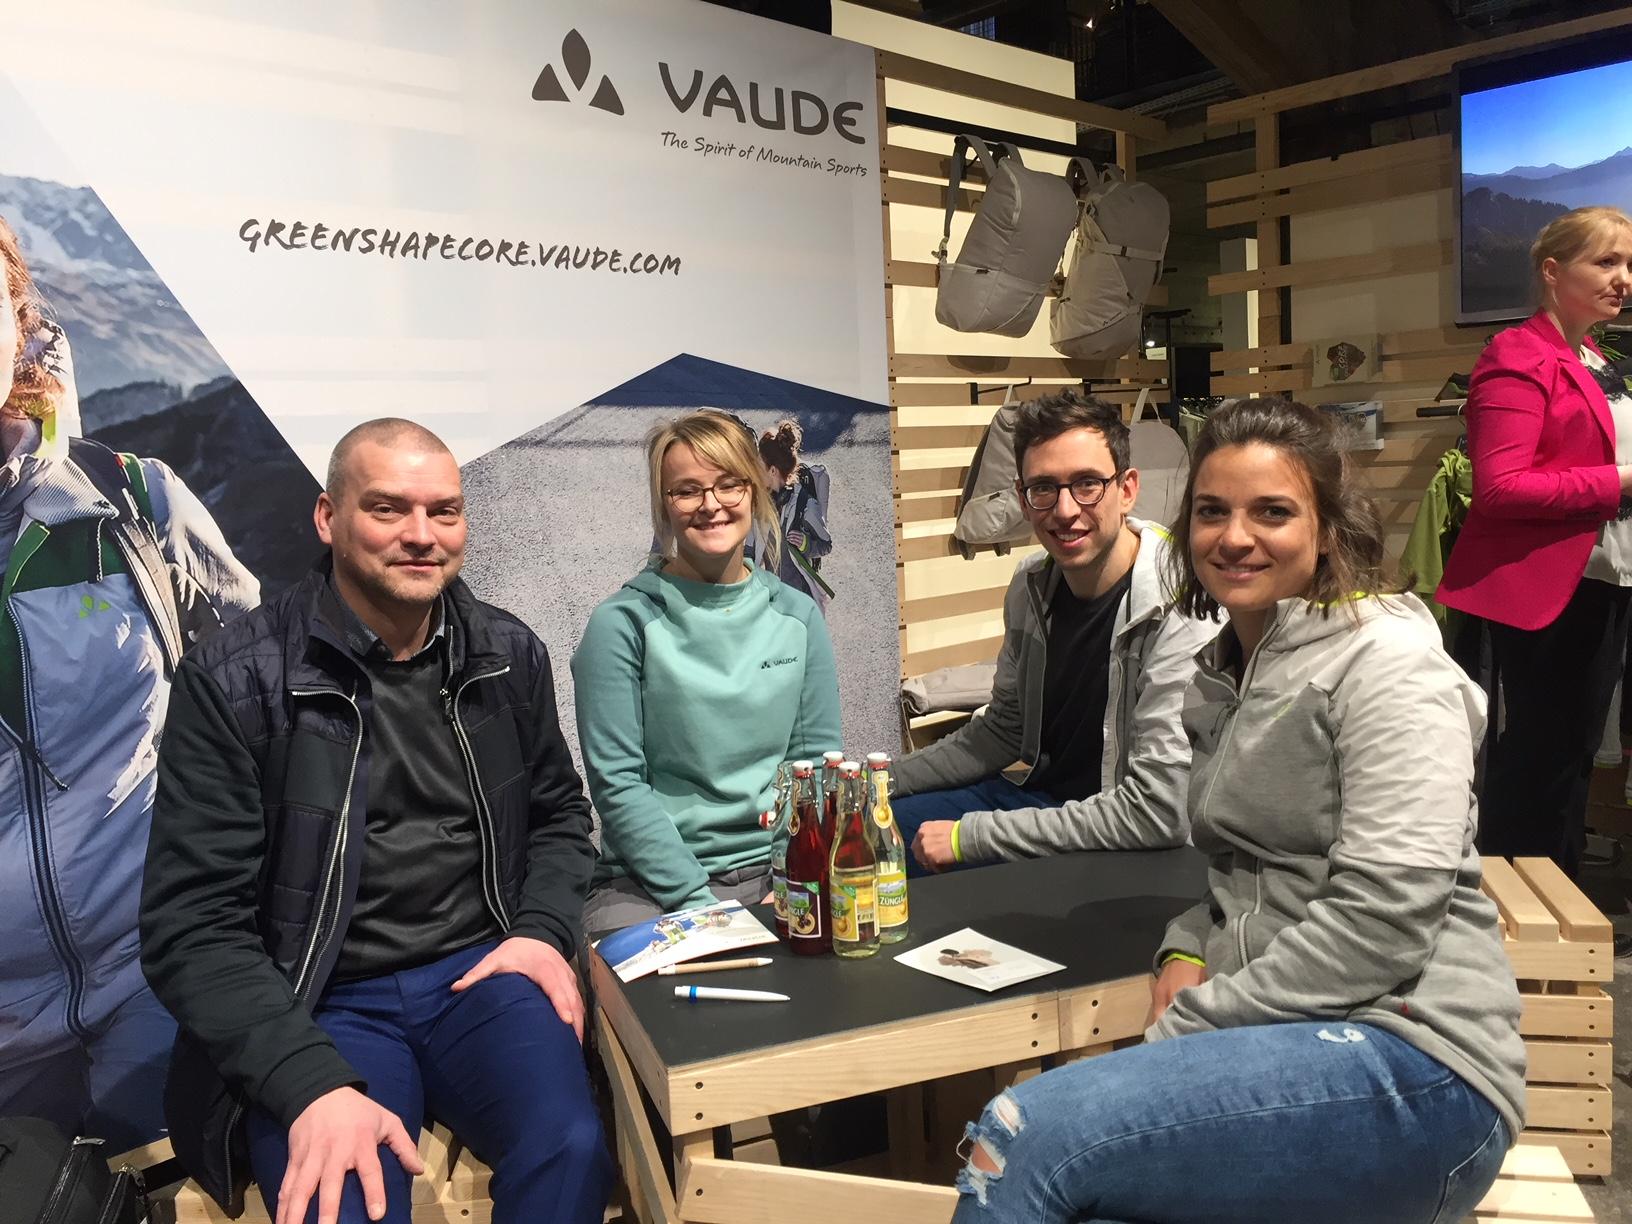 Alex Ingildsen, LTP & VAUDE team Lara Delle, Aaron Bittner, Greta Stehling